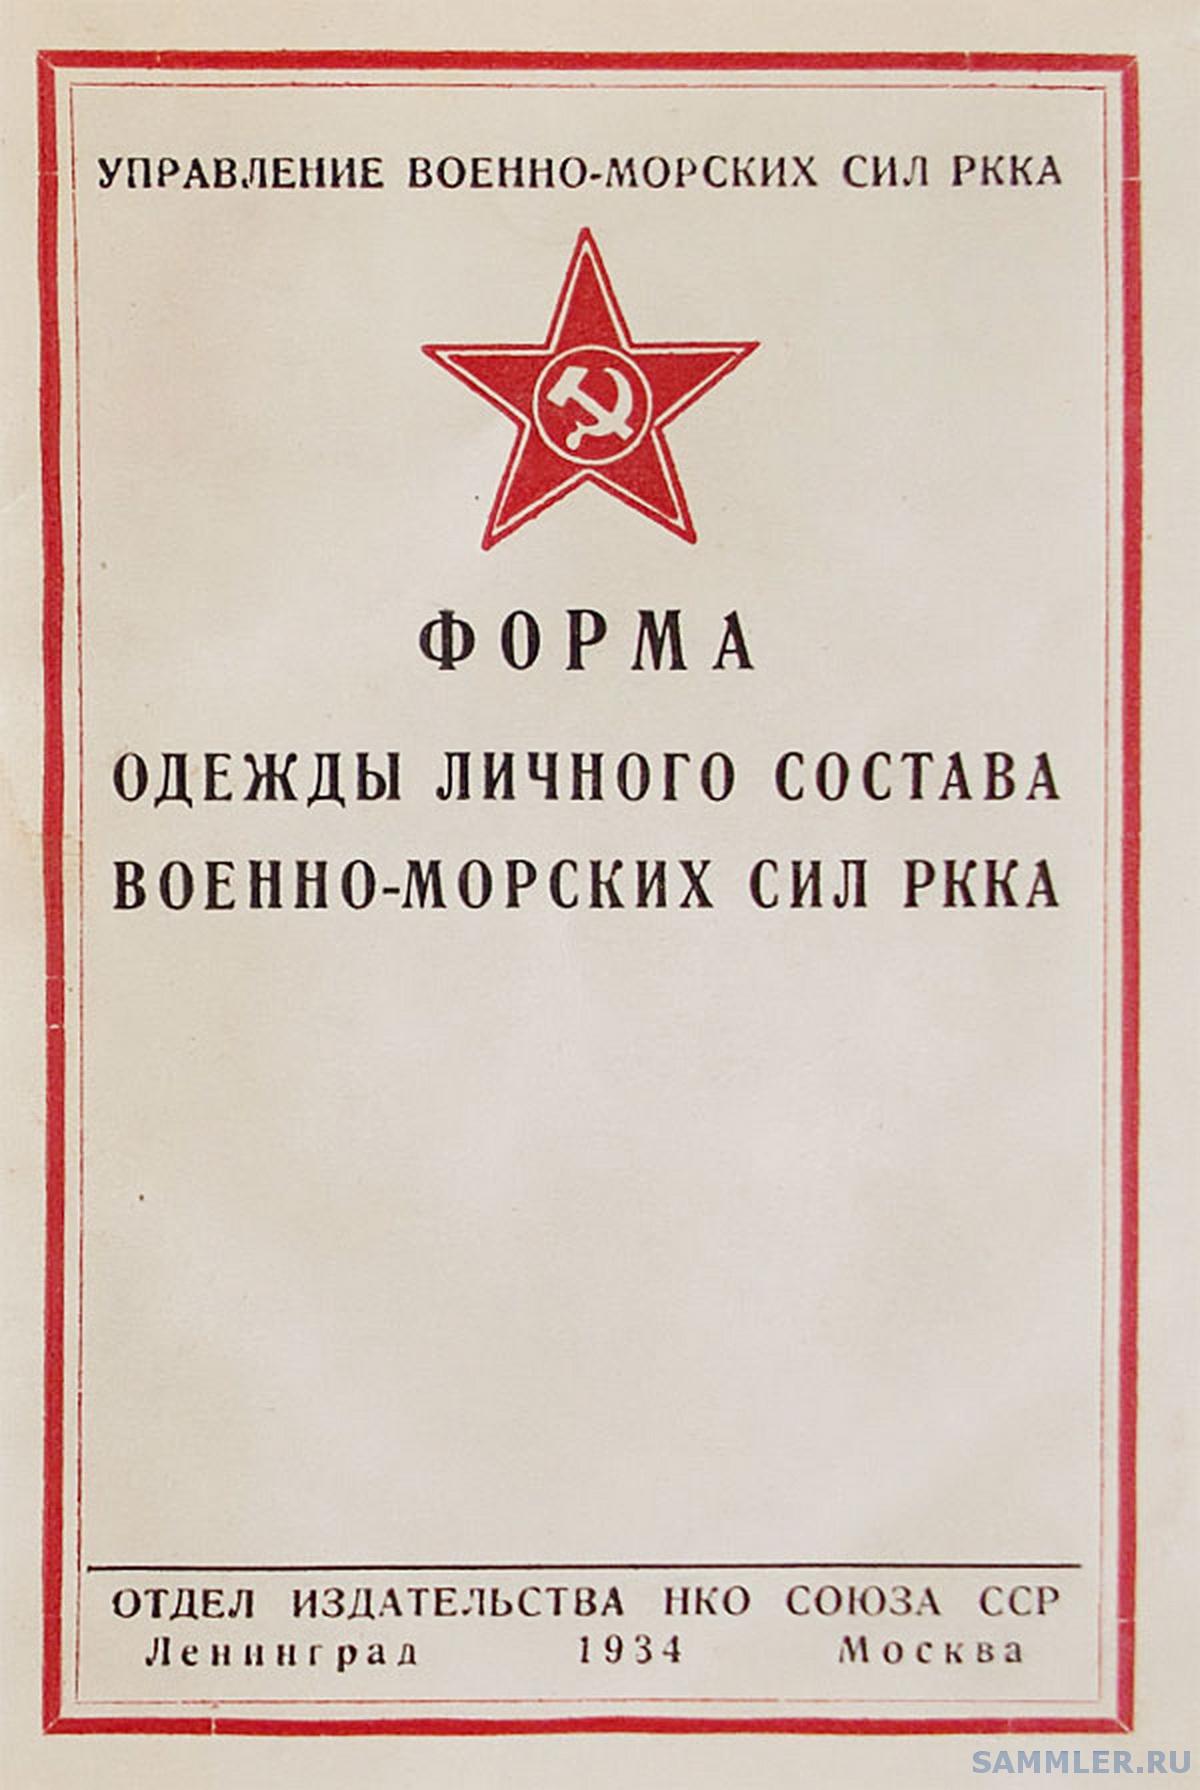 Форма одежды личного состава Военно-Морских сил РККА (1934).jpg